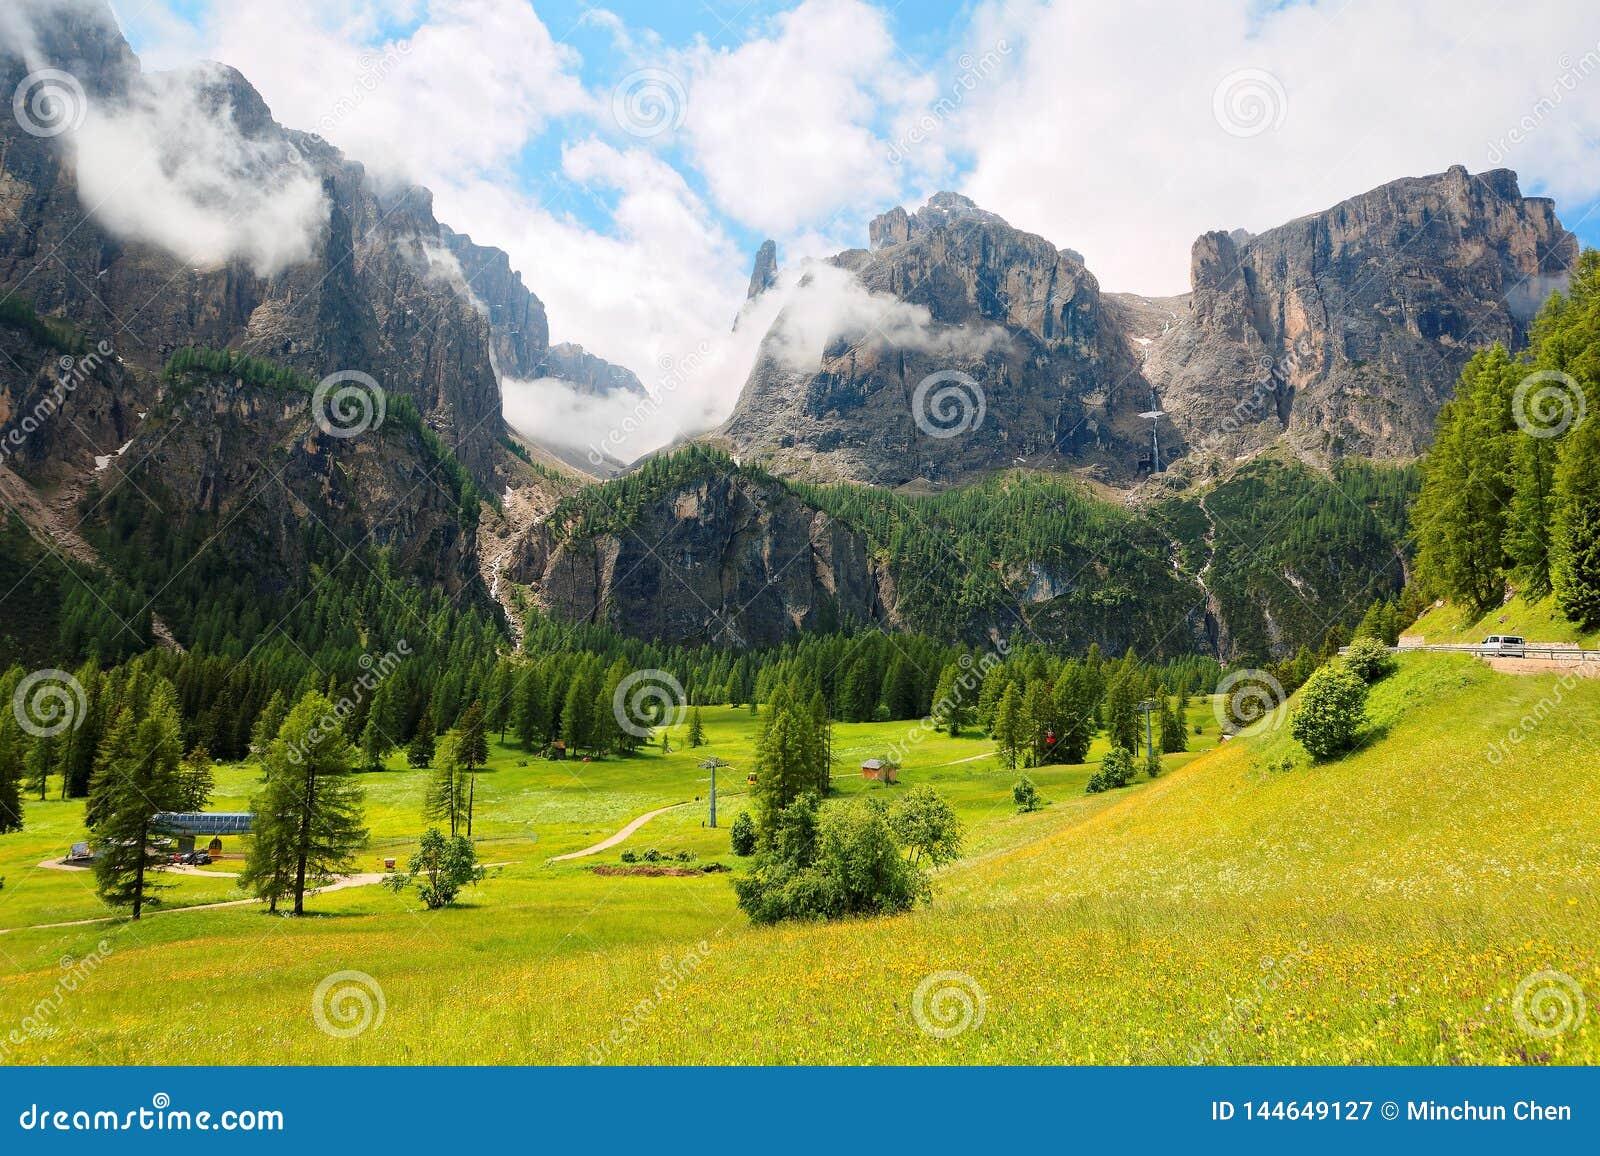 Cenário do verão de montanhas majestosas de Sella com as cachoeiras que caem abaixo dos penhascos rochosos em um vale gramíneo ve